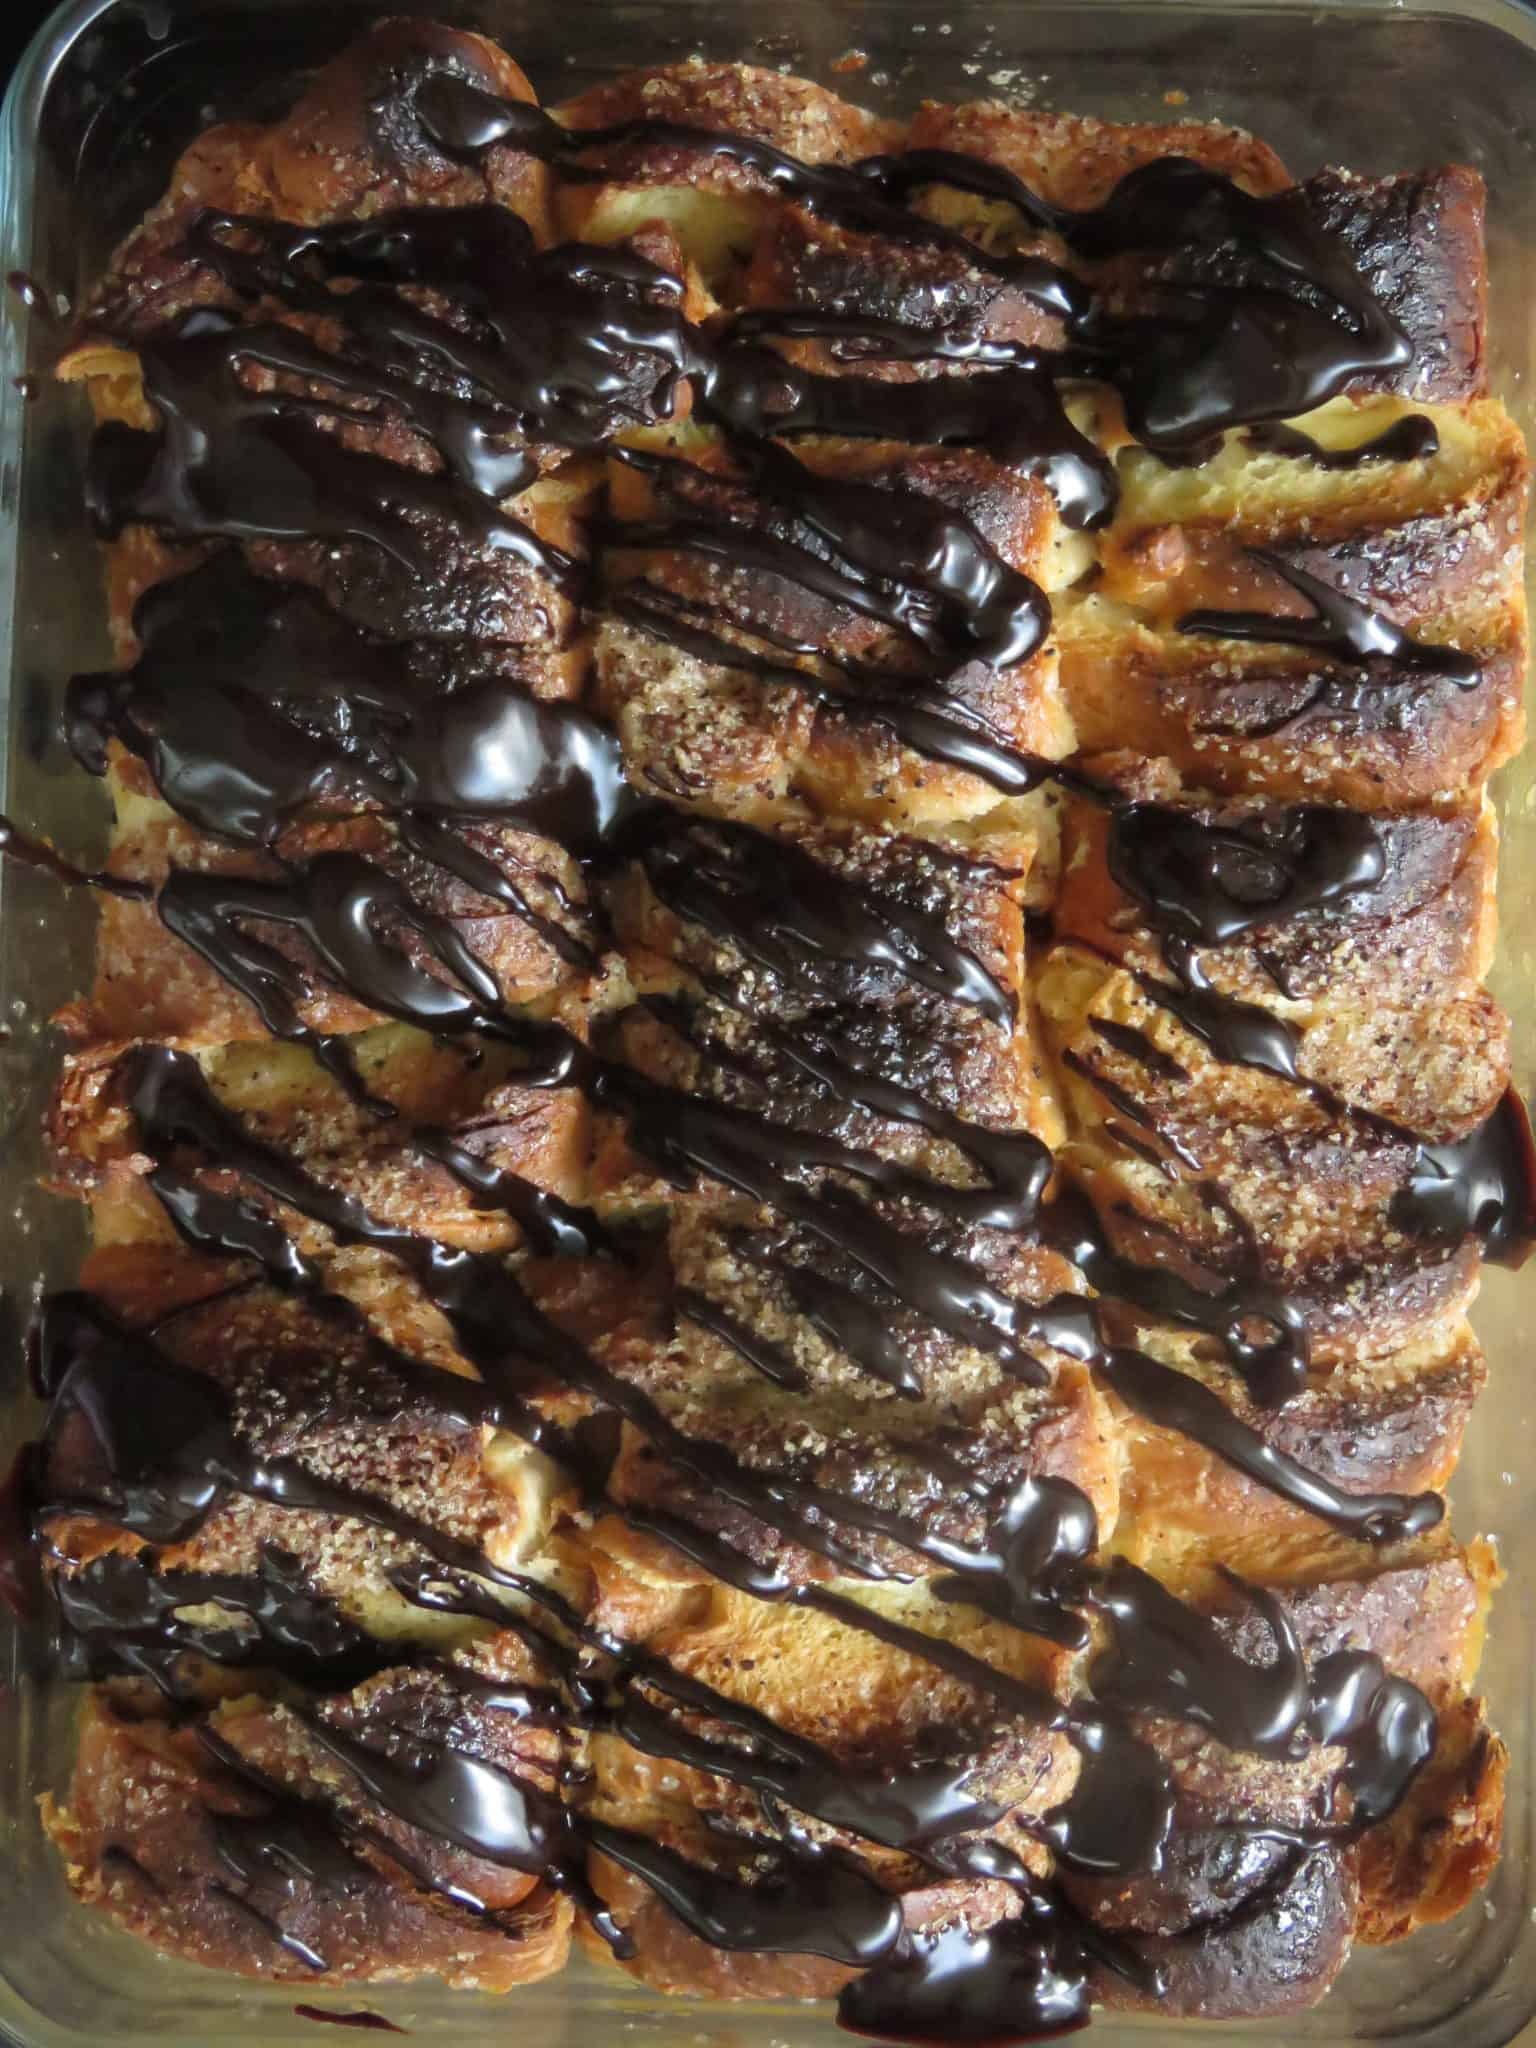 kibula banis bread pudding image.